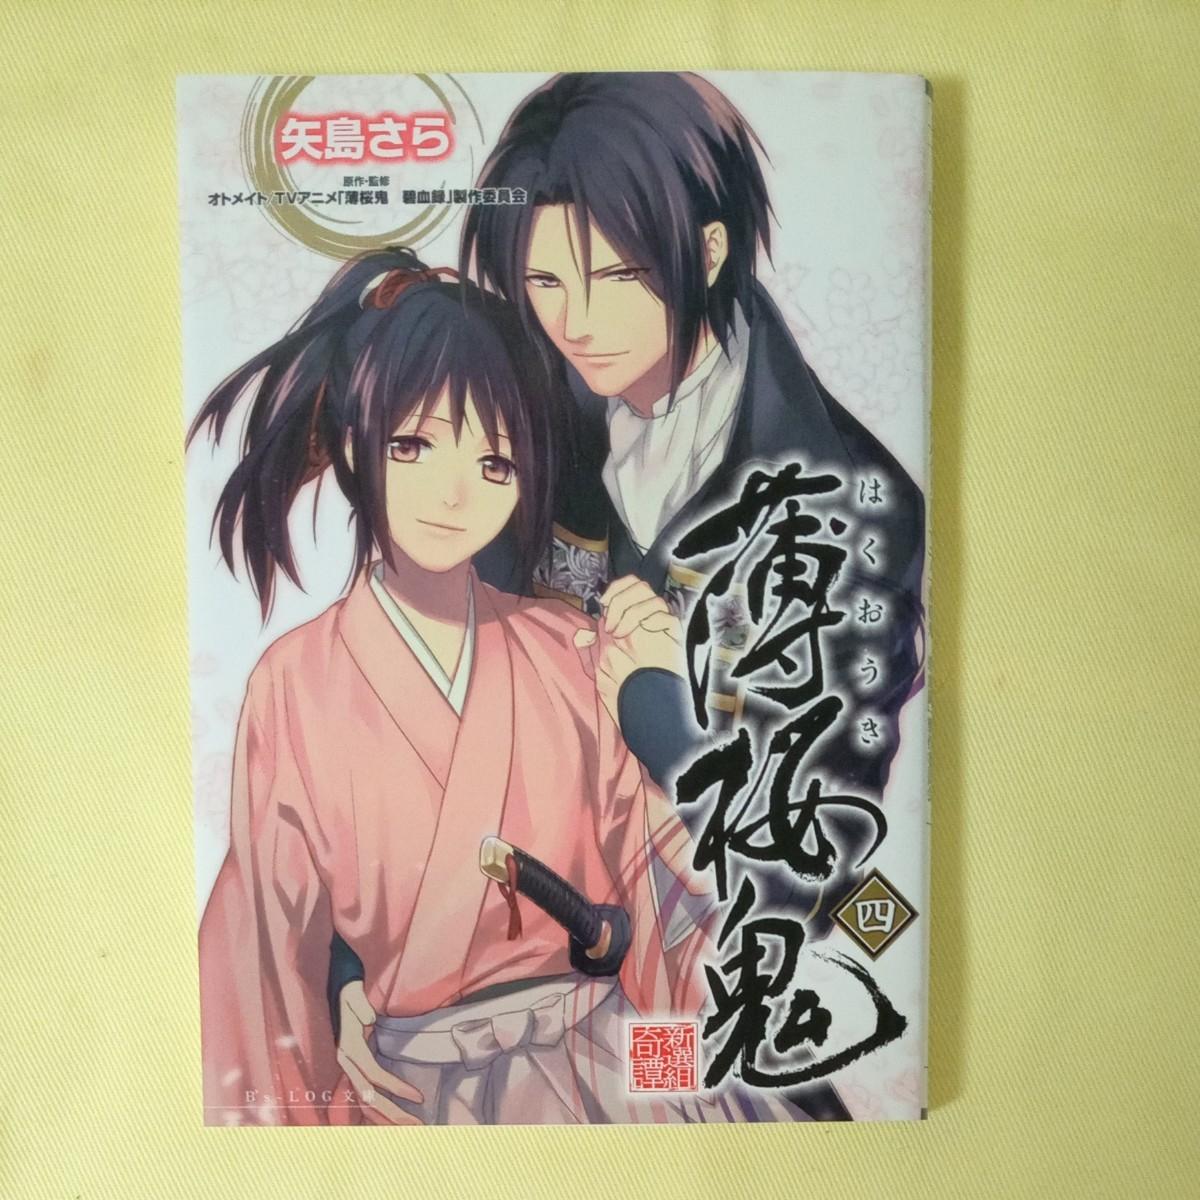 まとめ売り★薄桜鬼/ビーズログ文庫※3巻なし